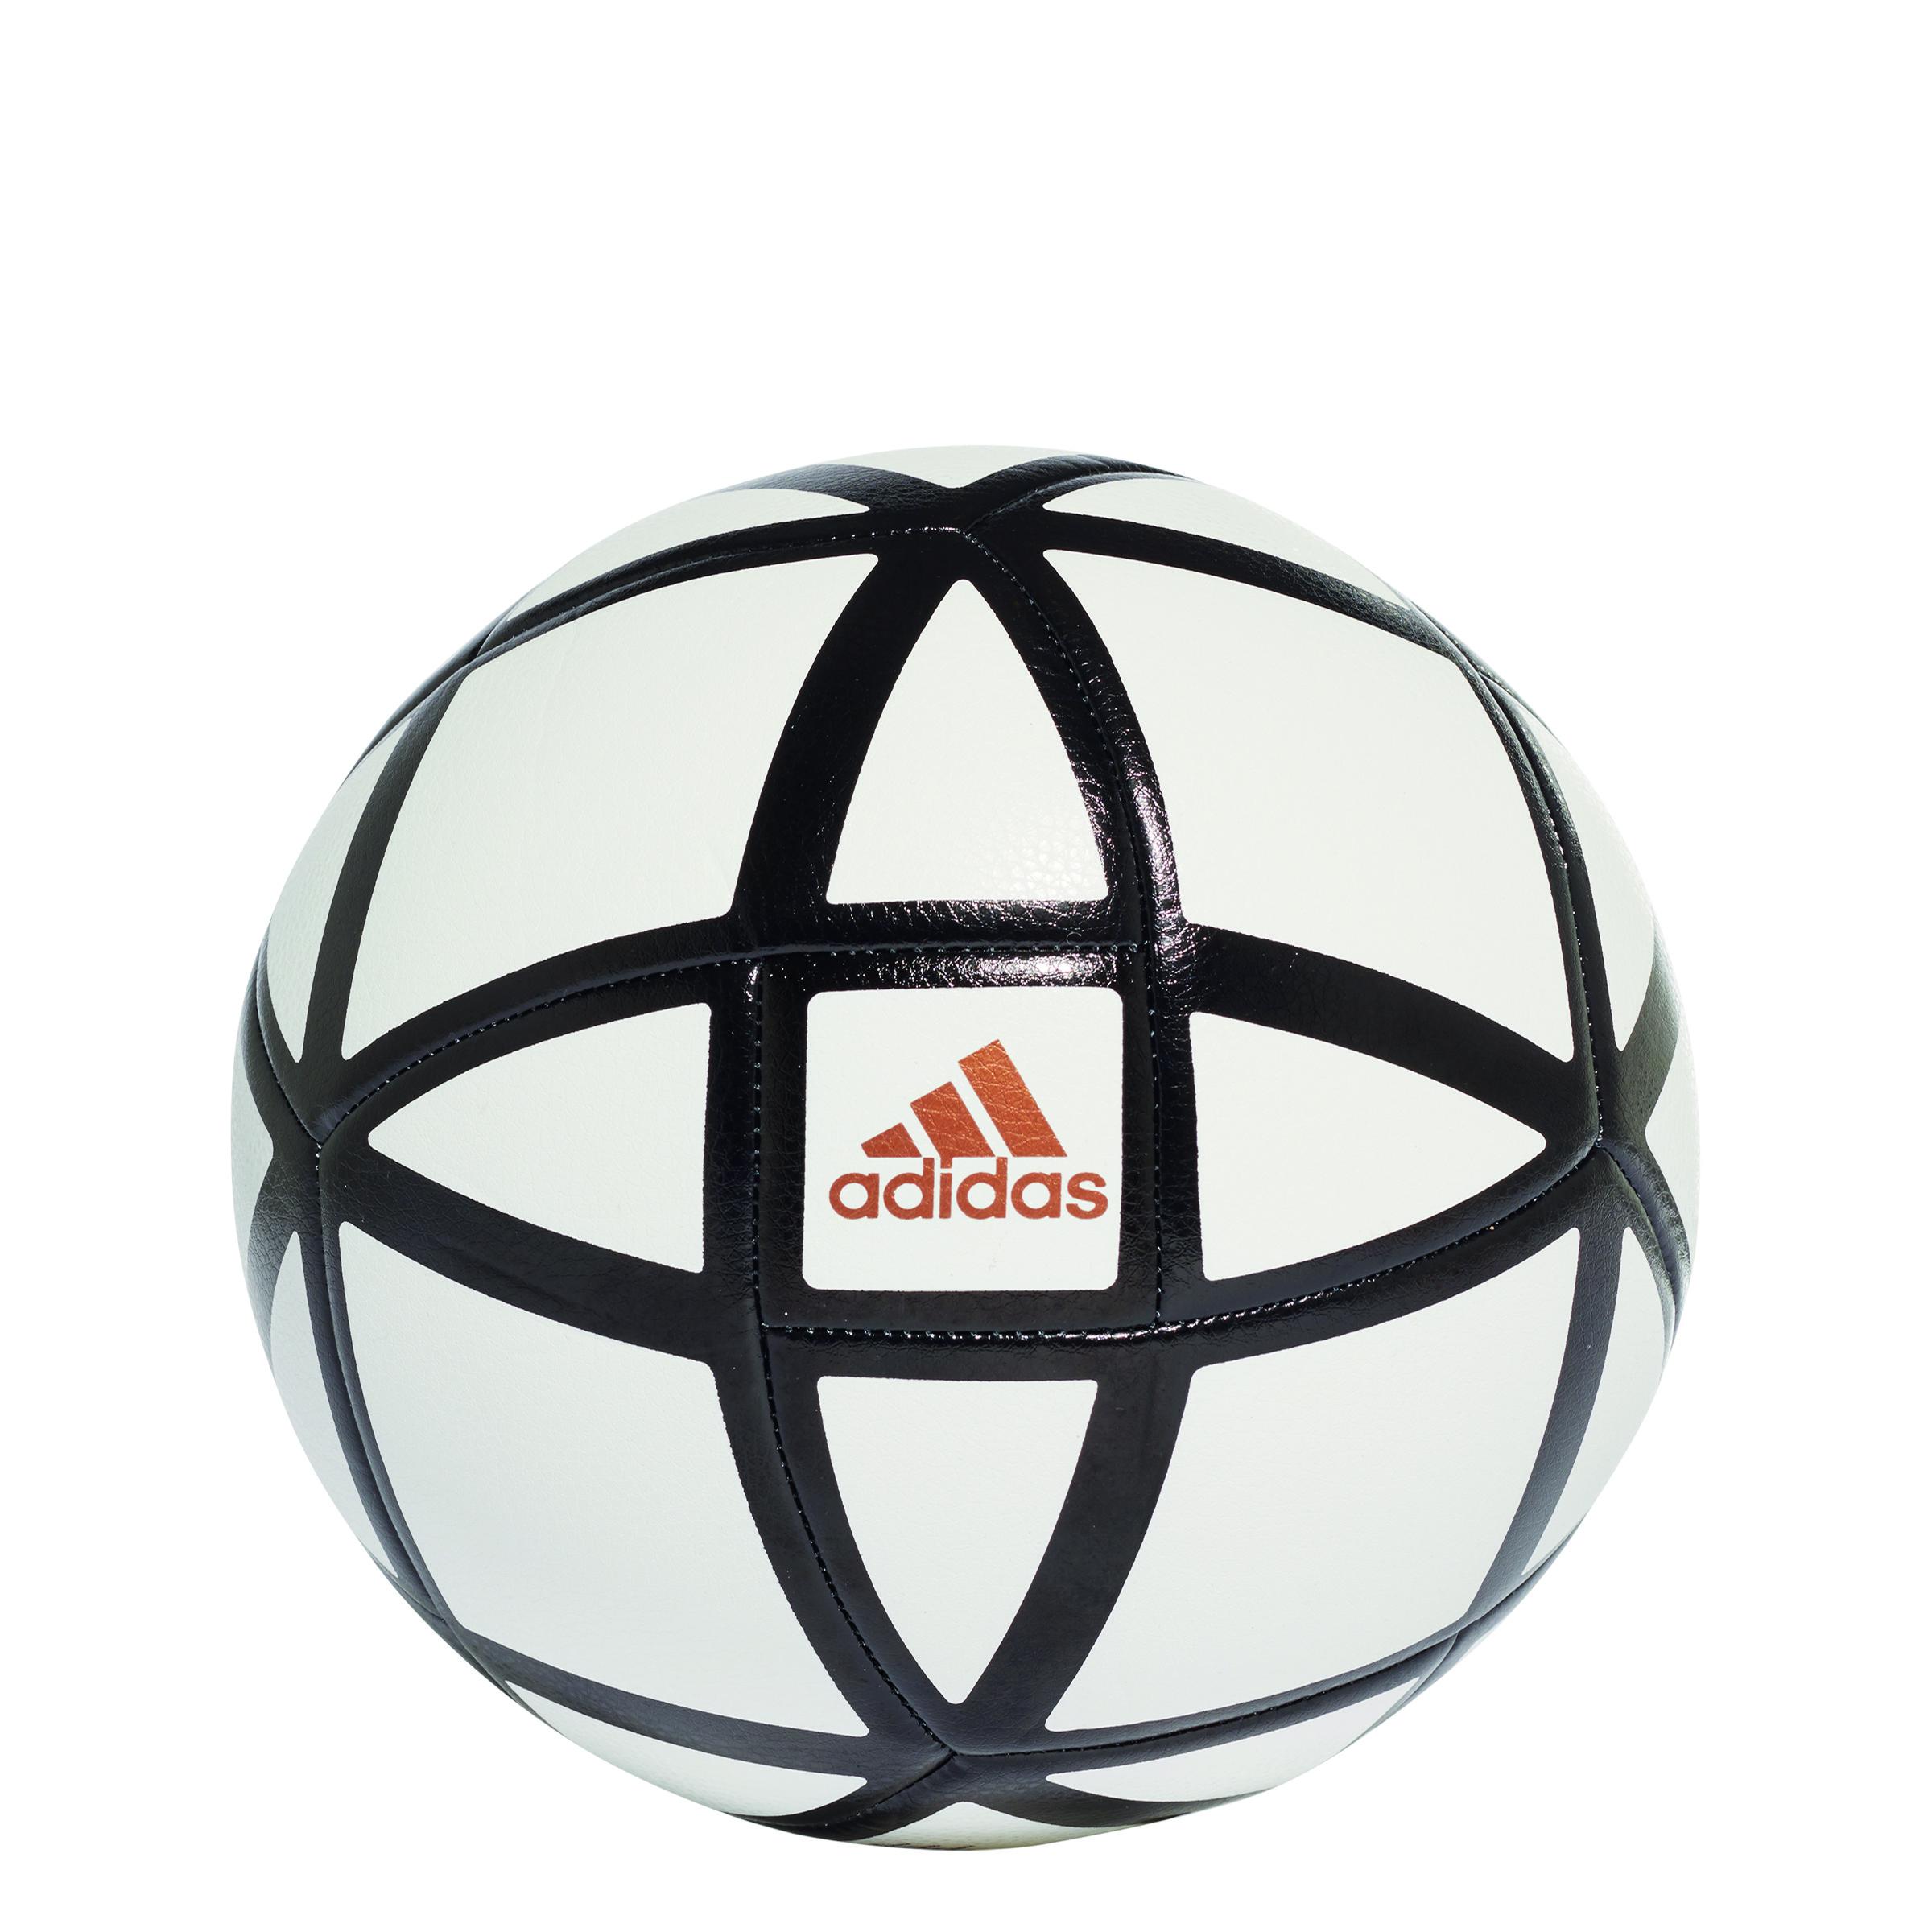 adidas Fussball adidas Glider CF1221 4